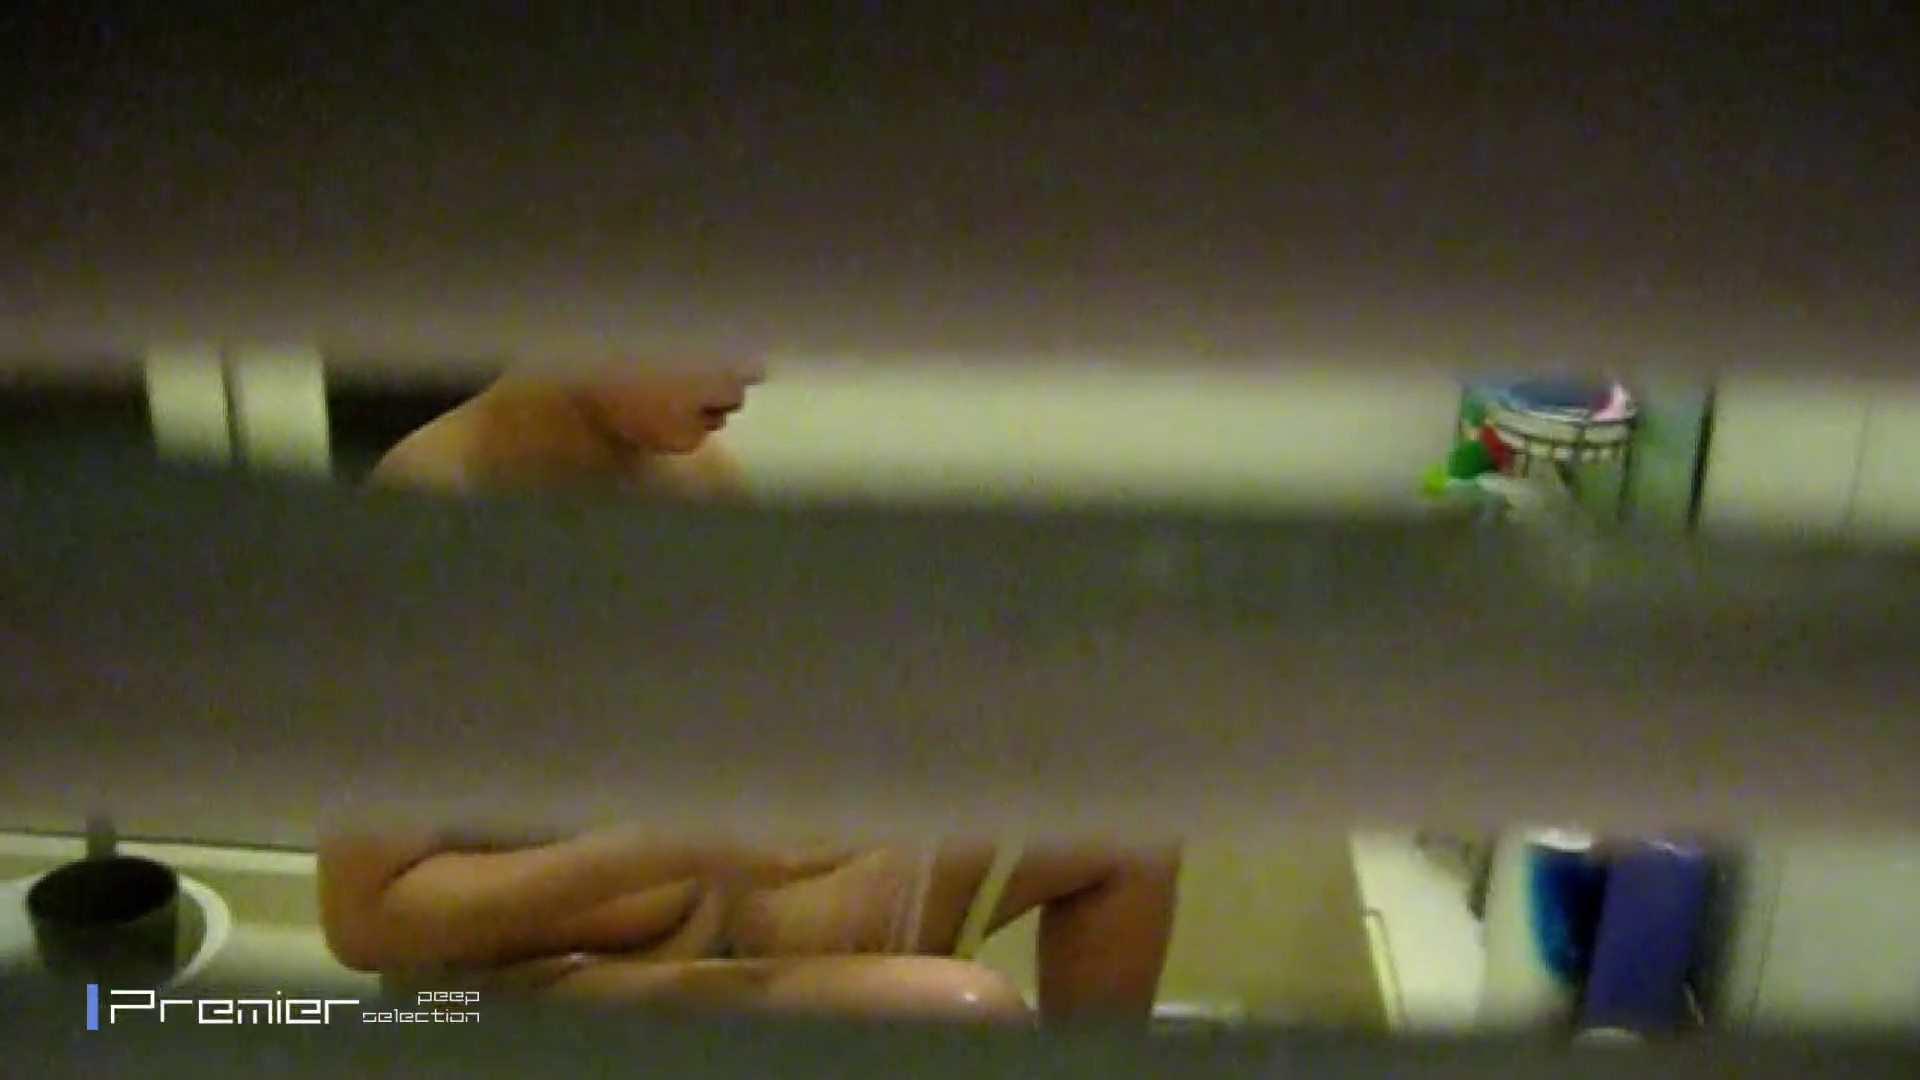 スポーツ美女の入浴 乙女の風呂場 Vol.13 乙女のボディ | OLのボディ  82PIX 64